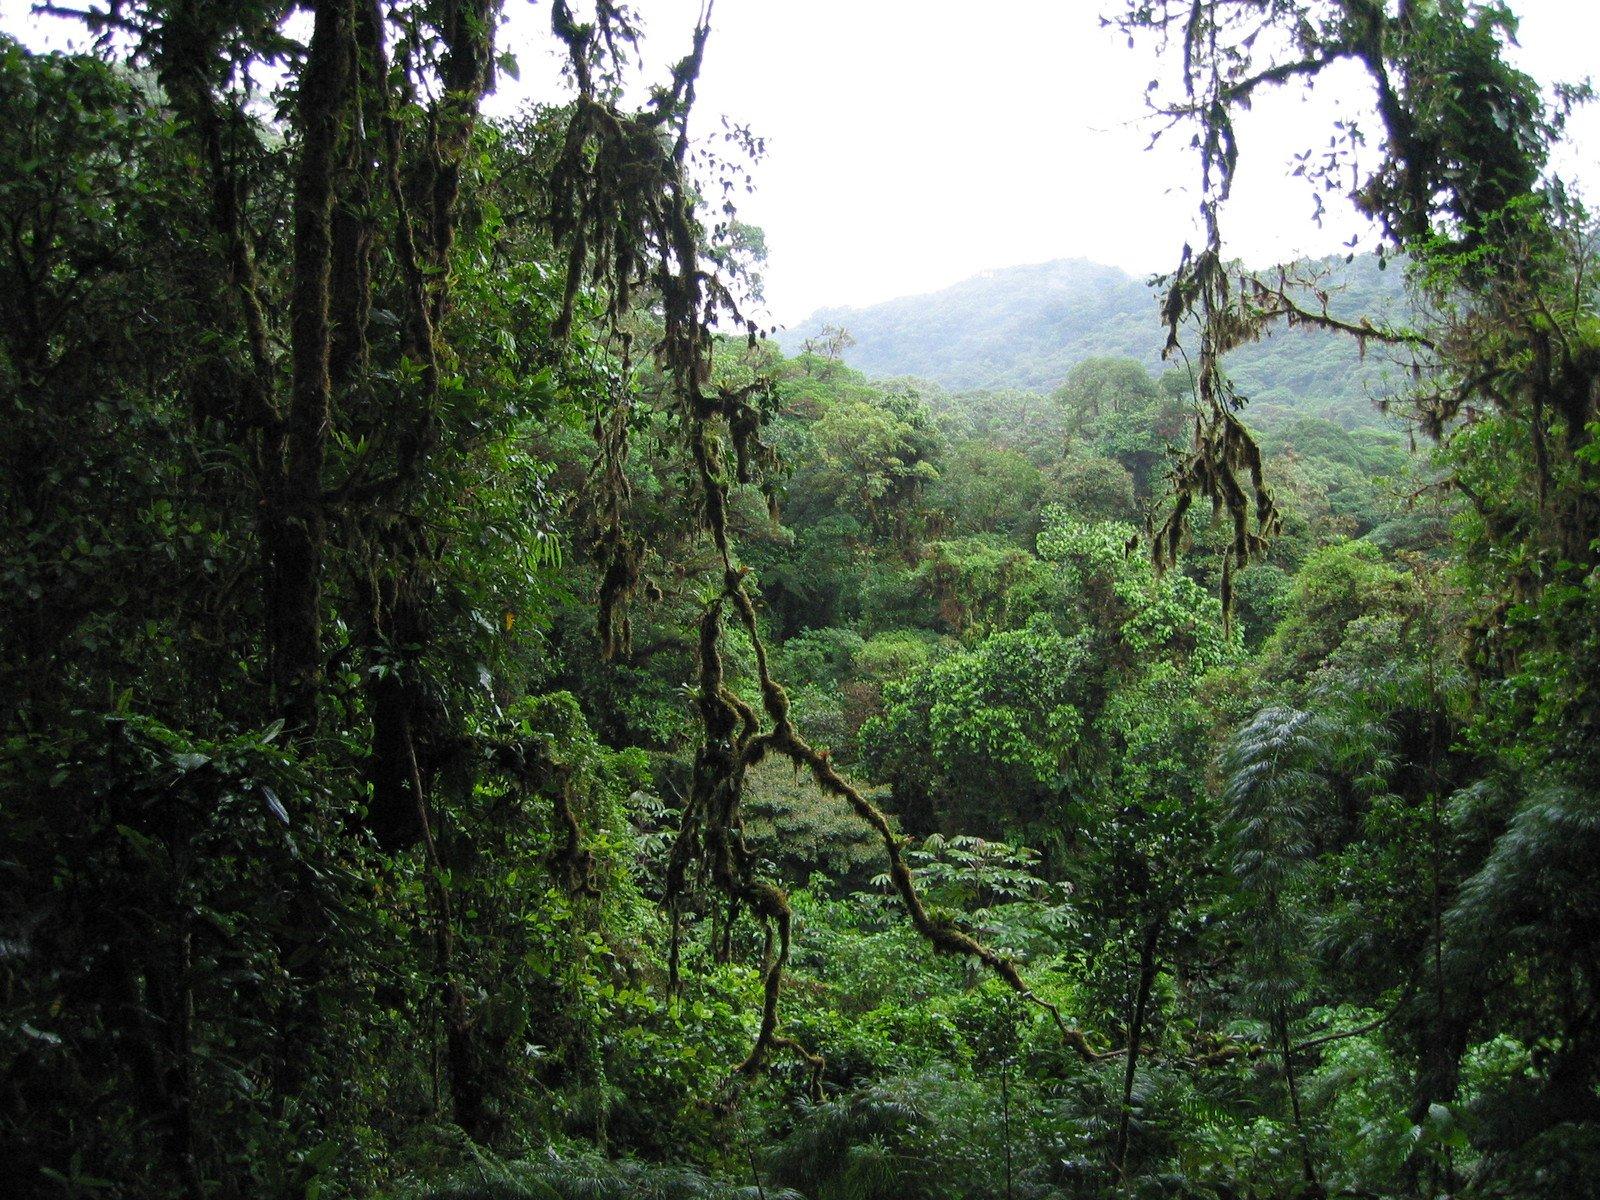 rainforest destroyed